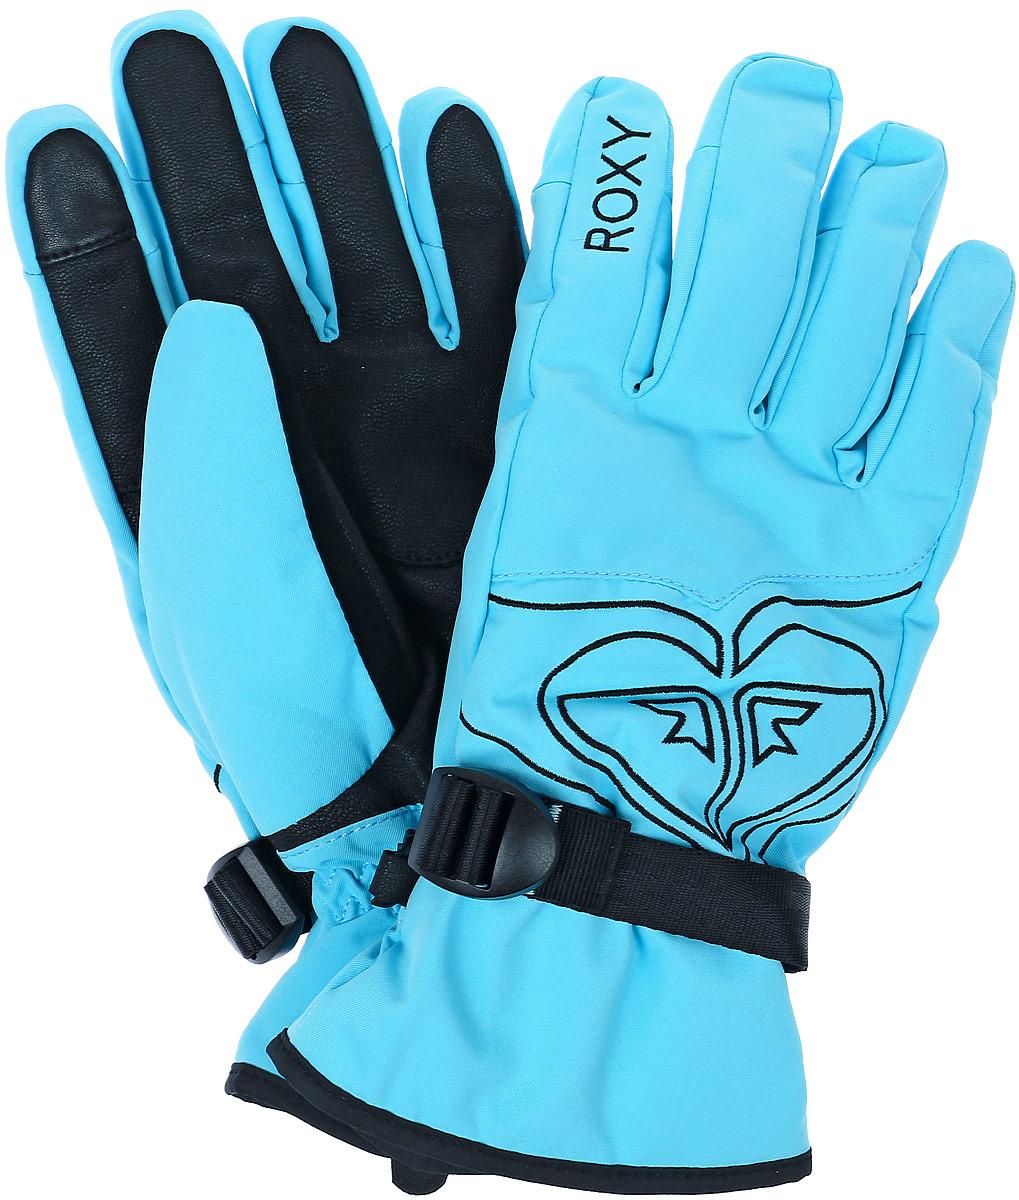 Перчатки женские Roxy Popy Gloves, цвет: светло-бирюзовый, черный. ERJHN03033-BGM0. Размер L (7,5/8)ERJHN03033-BGM0Женские перчатки Roxy Popy Gloves выполнены из высококачественного полиэстера и полиуретана, которые не пропускают воду. Модель оформлена фирменными вышивками и декоративной прострочкой. Перчатки дополнены эластичными резинками и хлястиком с пряжкой, которые надежно зафиксируют модель на запястье, не сдавливая его. Внутренняя поверхность выполнена из мягкого утепленного полиэстера. Также перчатки оснащены застежкой-фастексом.